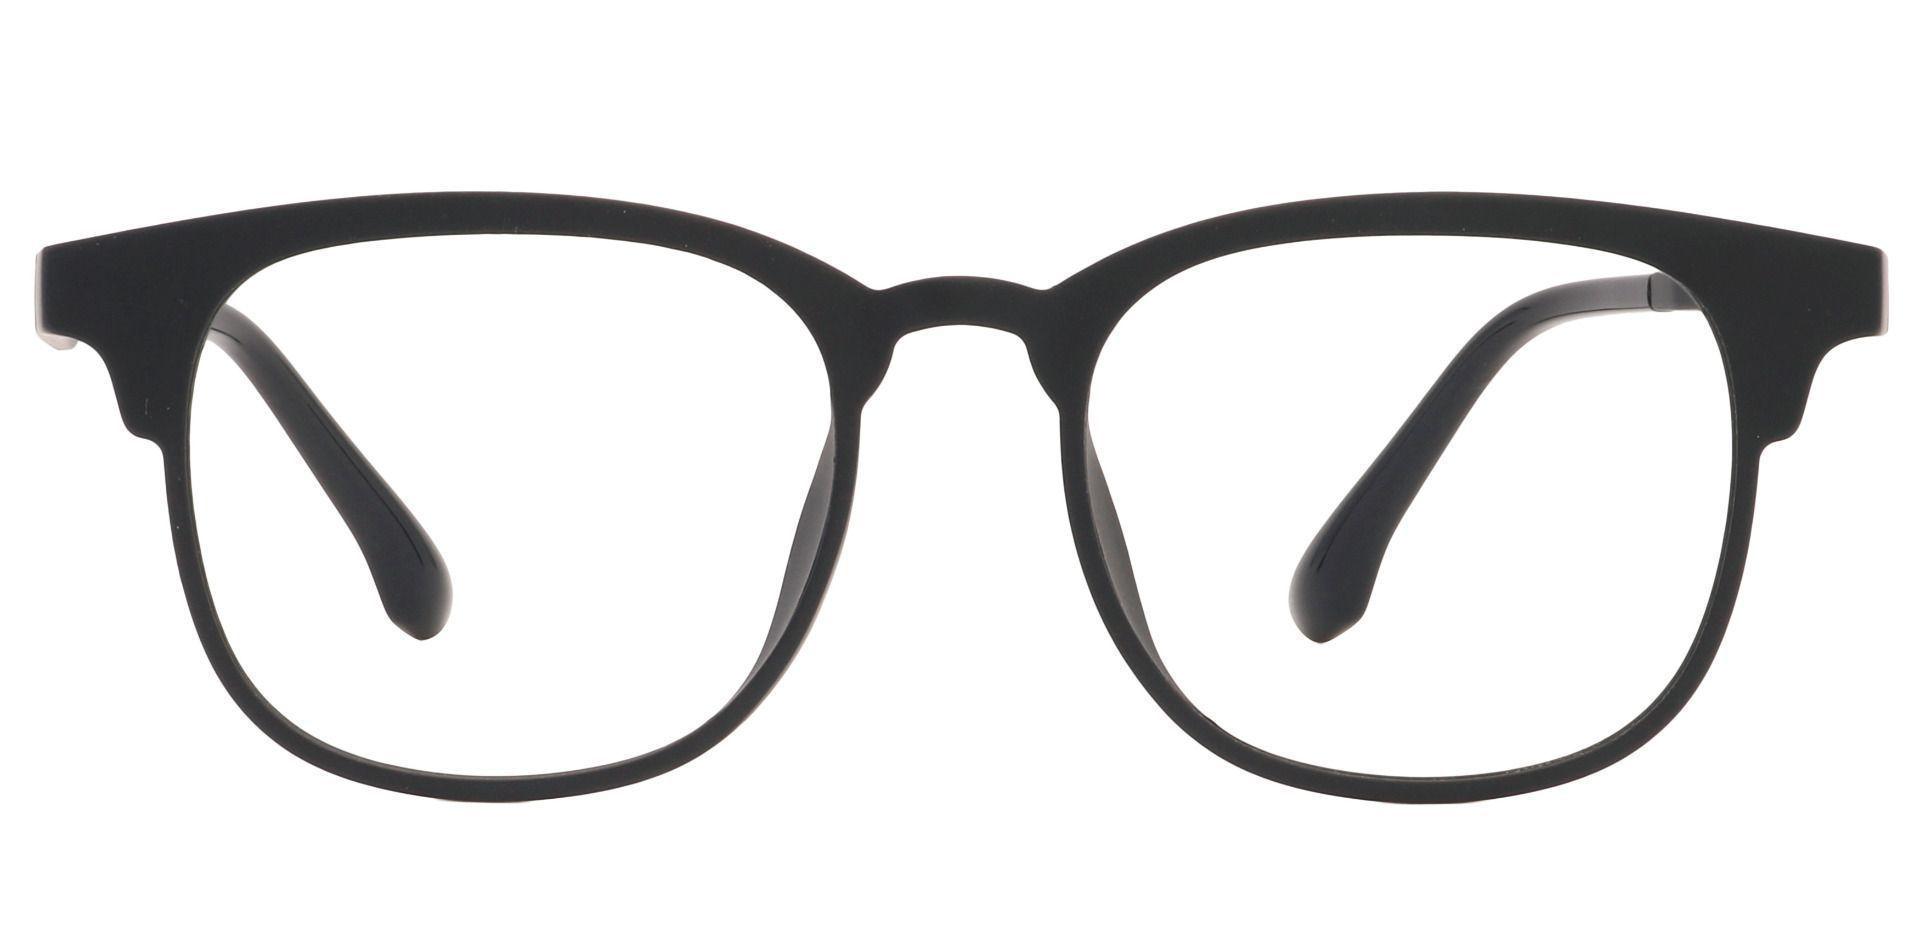 Cactus Oval Prescription Glasses - Black